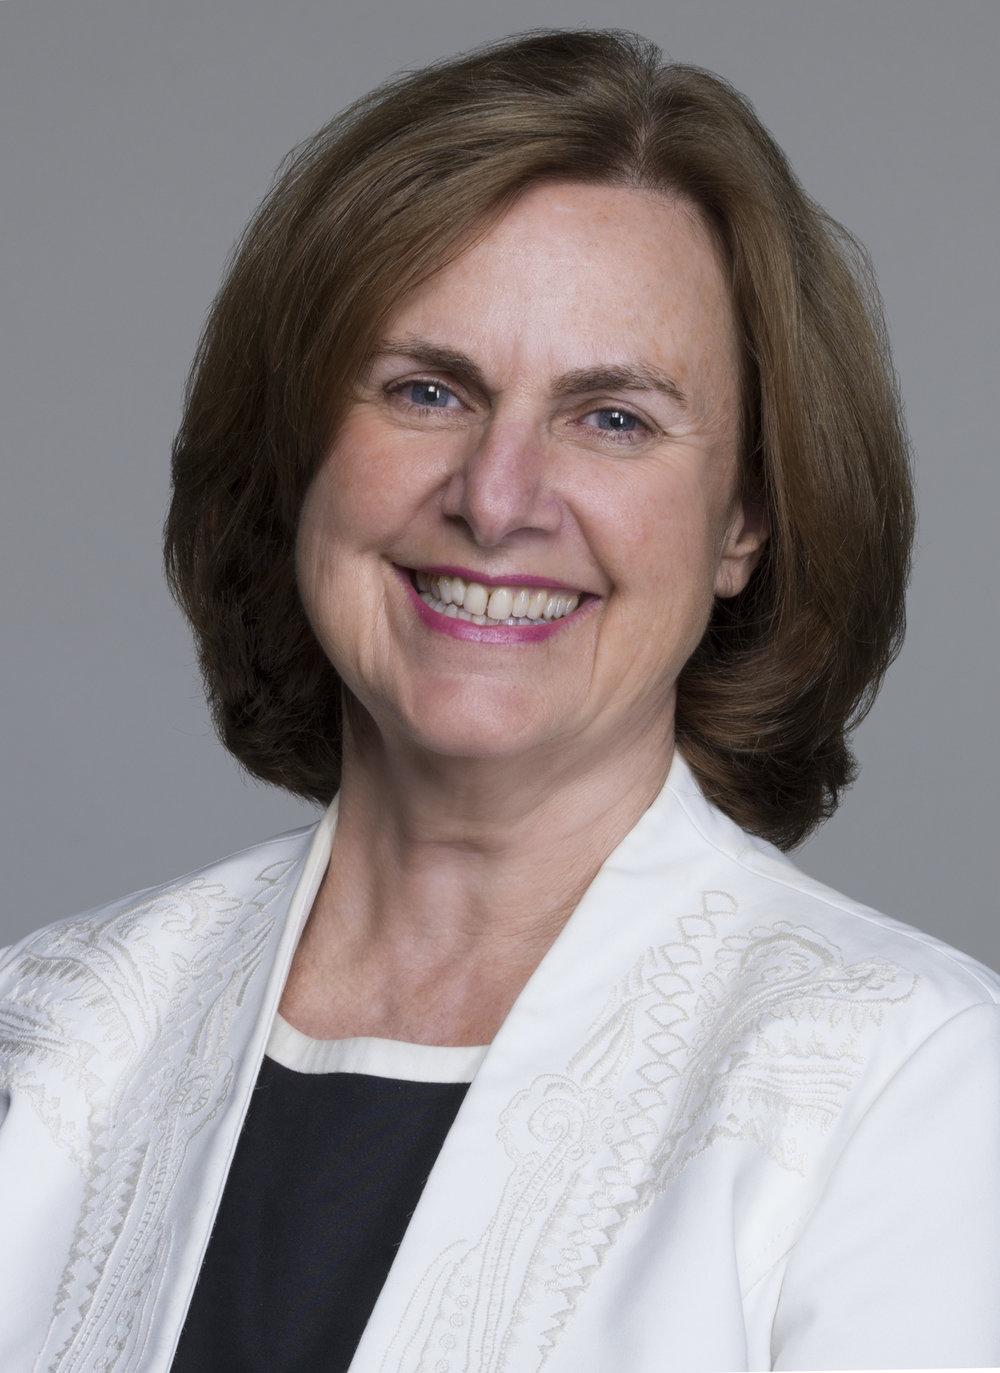 Gail O. Mellow headshot 2017.jpg